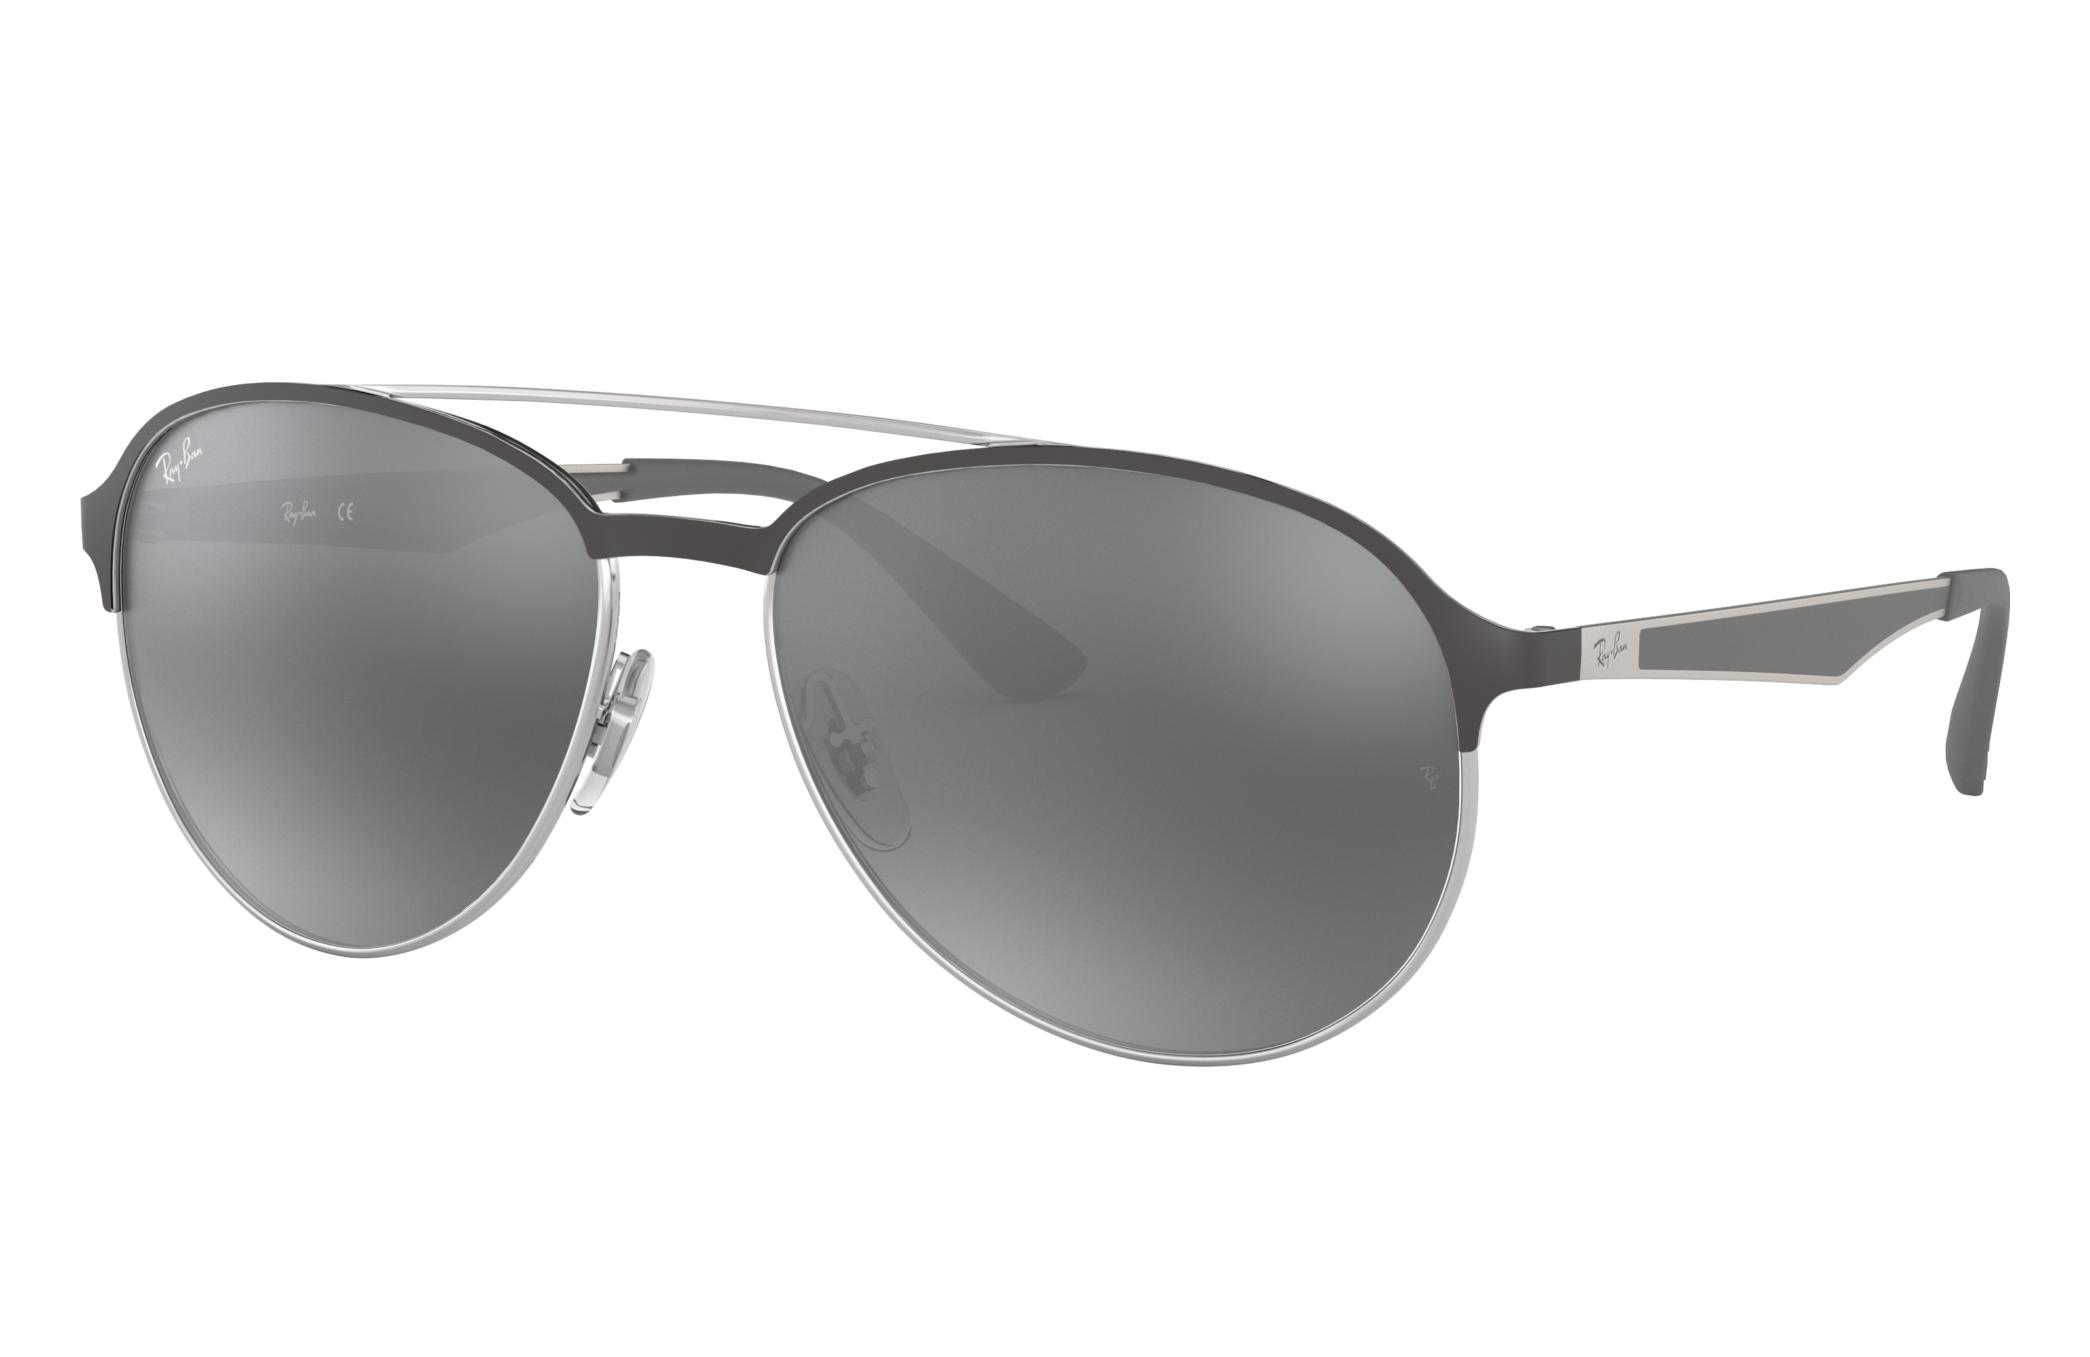 Ray-Ban Rb3606 Gunmetal, Gray Lenses - RB3606